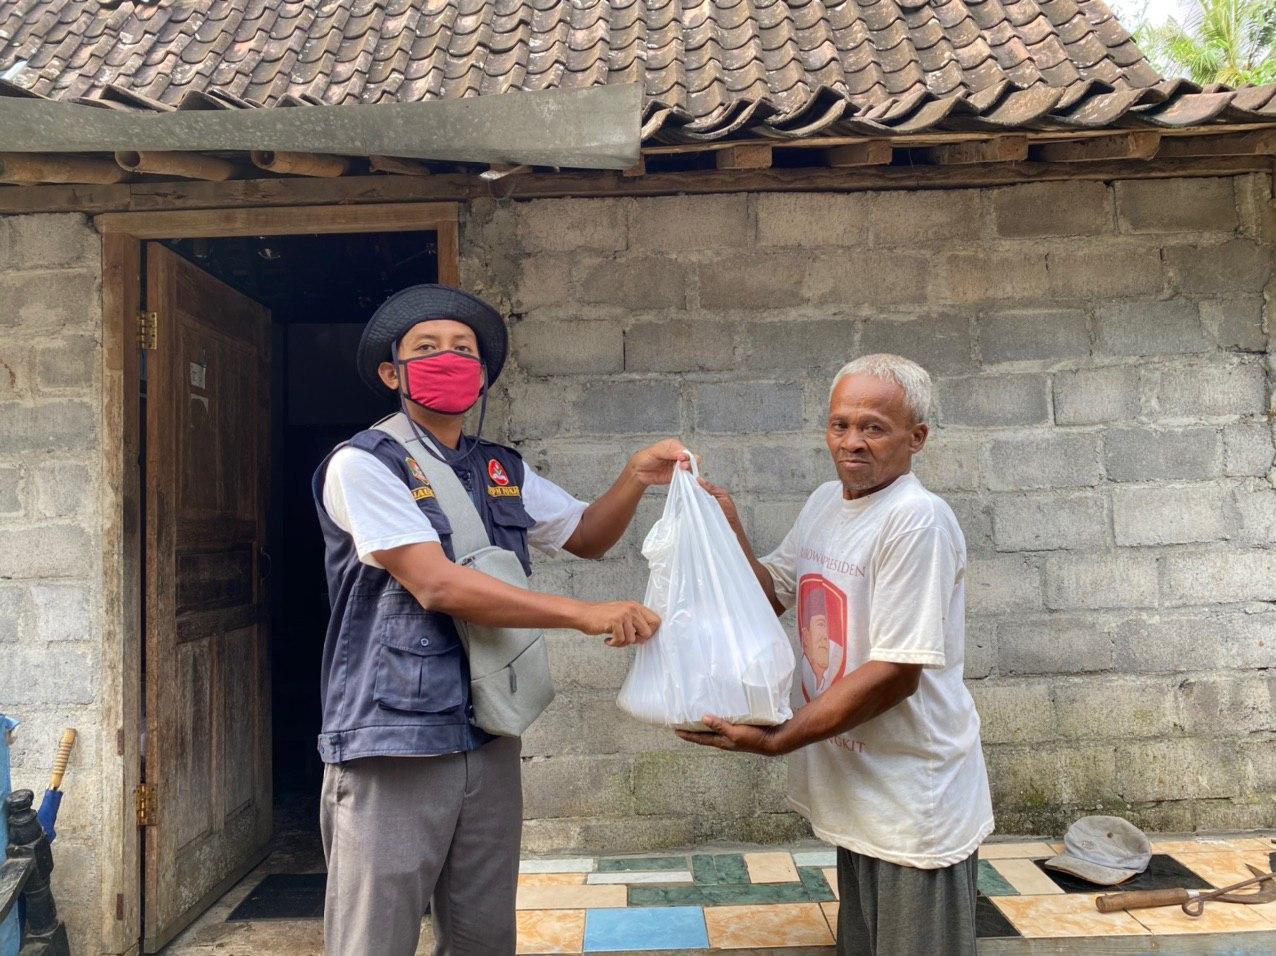 MCCC Cabang Ponjong Berbagi Paket Sembako Dampak COVID 19 di Desa Ponjong